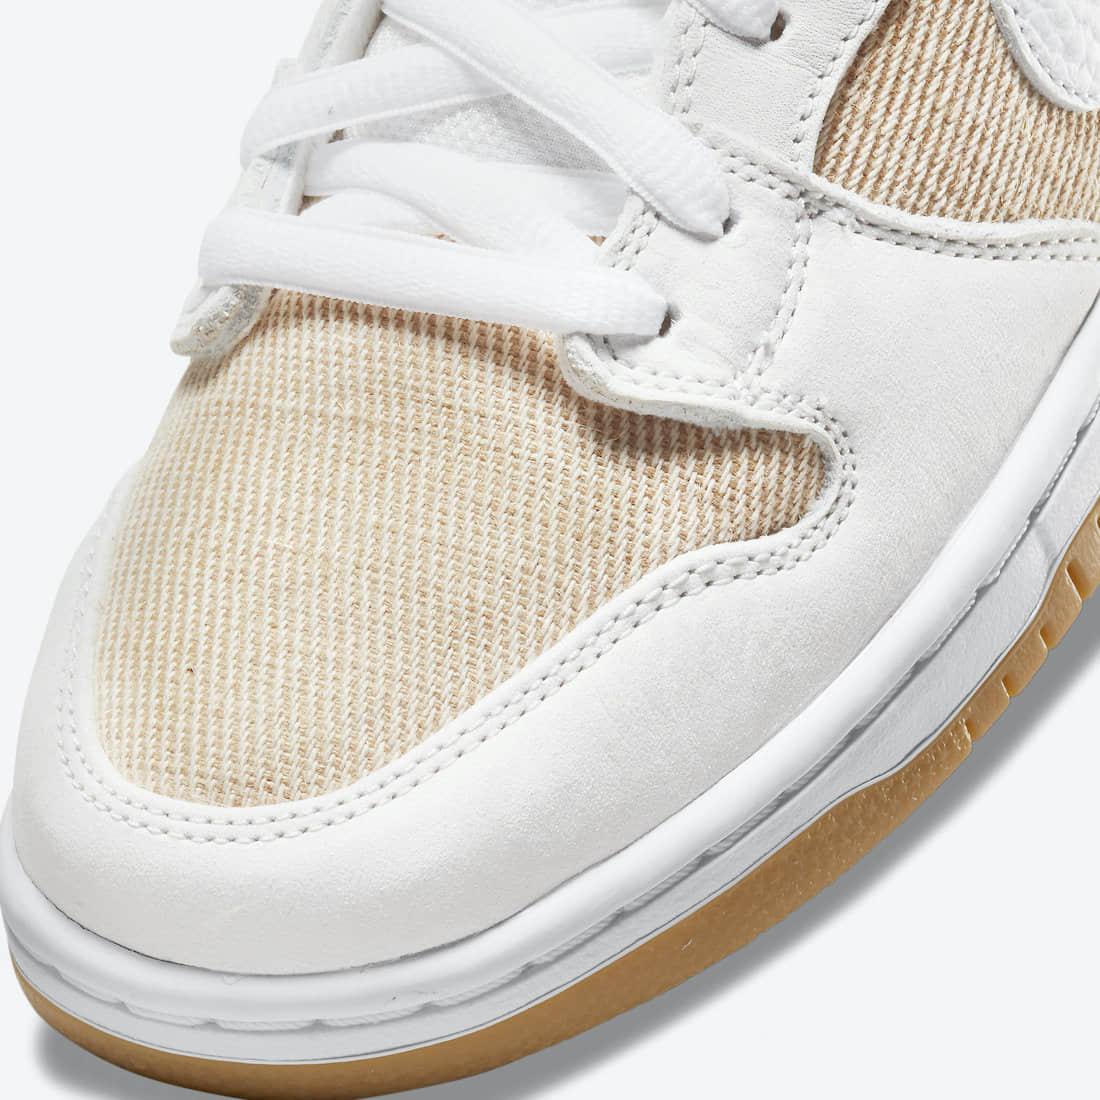 全新Nike SB Dunk High官图释出!构色清新简约! 货号:DA9626-100